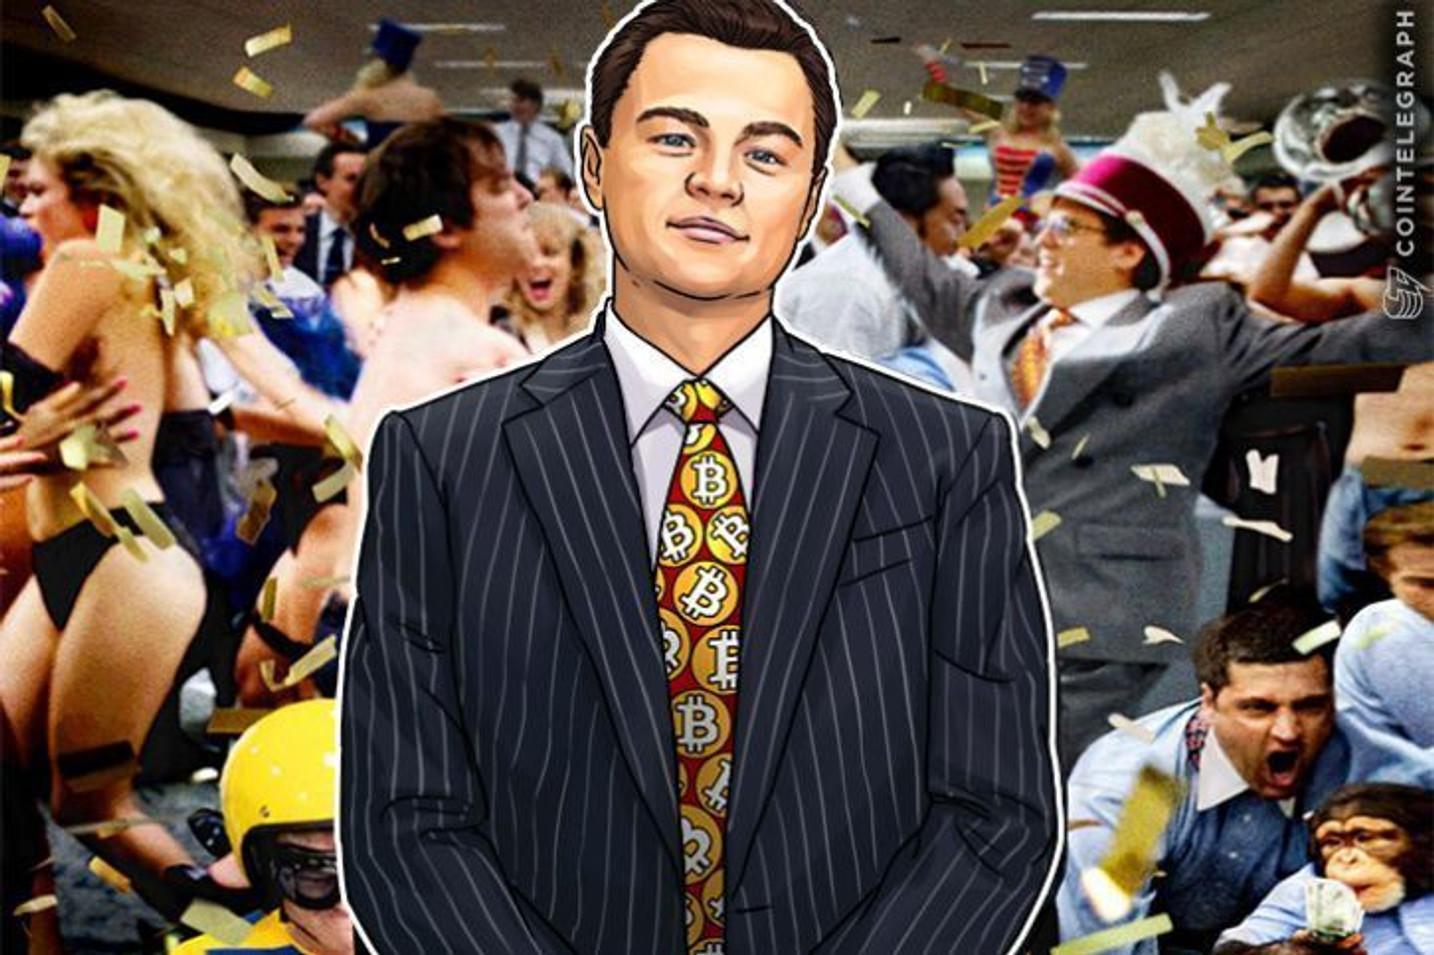 Cena bitkoina se stabilizovala, Vol Strit spreman za pojavu fjučersa u decembru